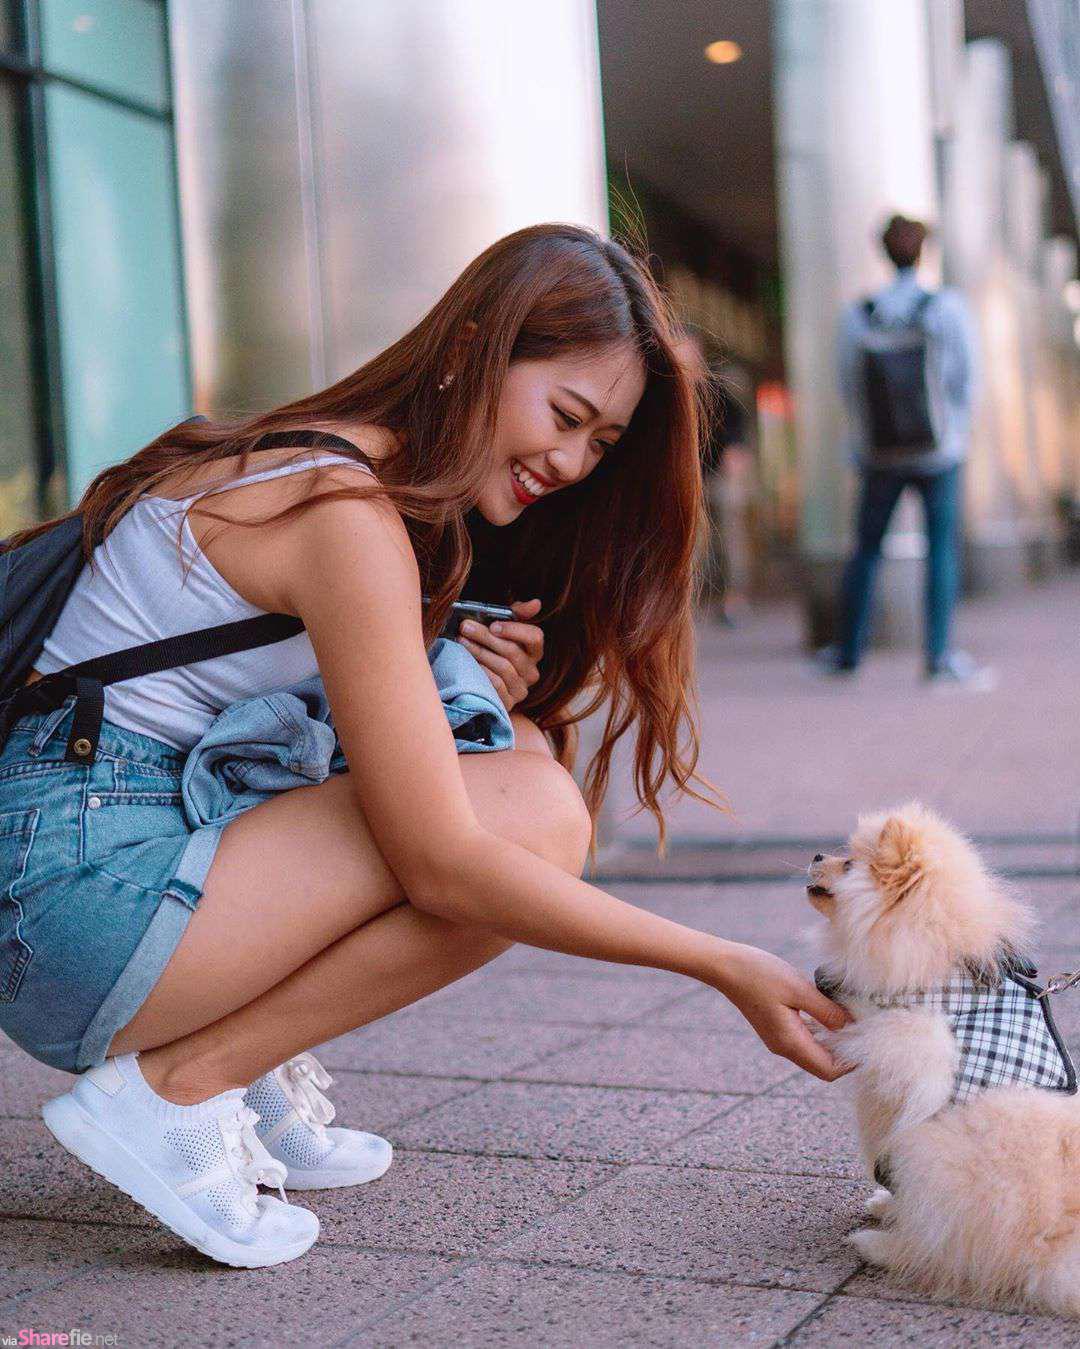 正妹宇涵街上惊见可爱小狗狗,低胸吊带辣翻网友